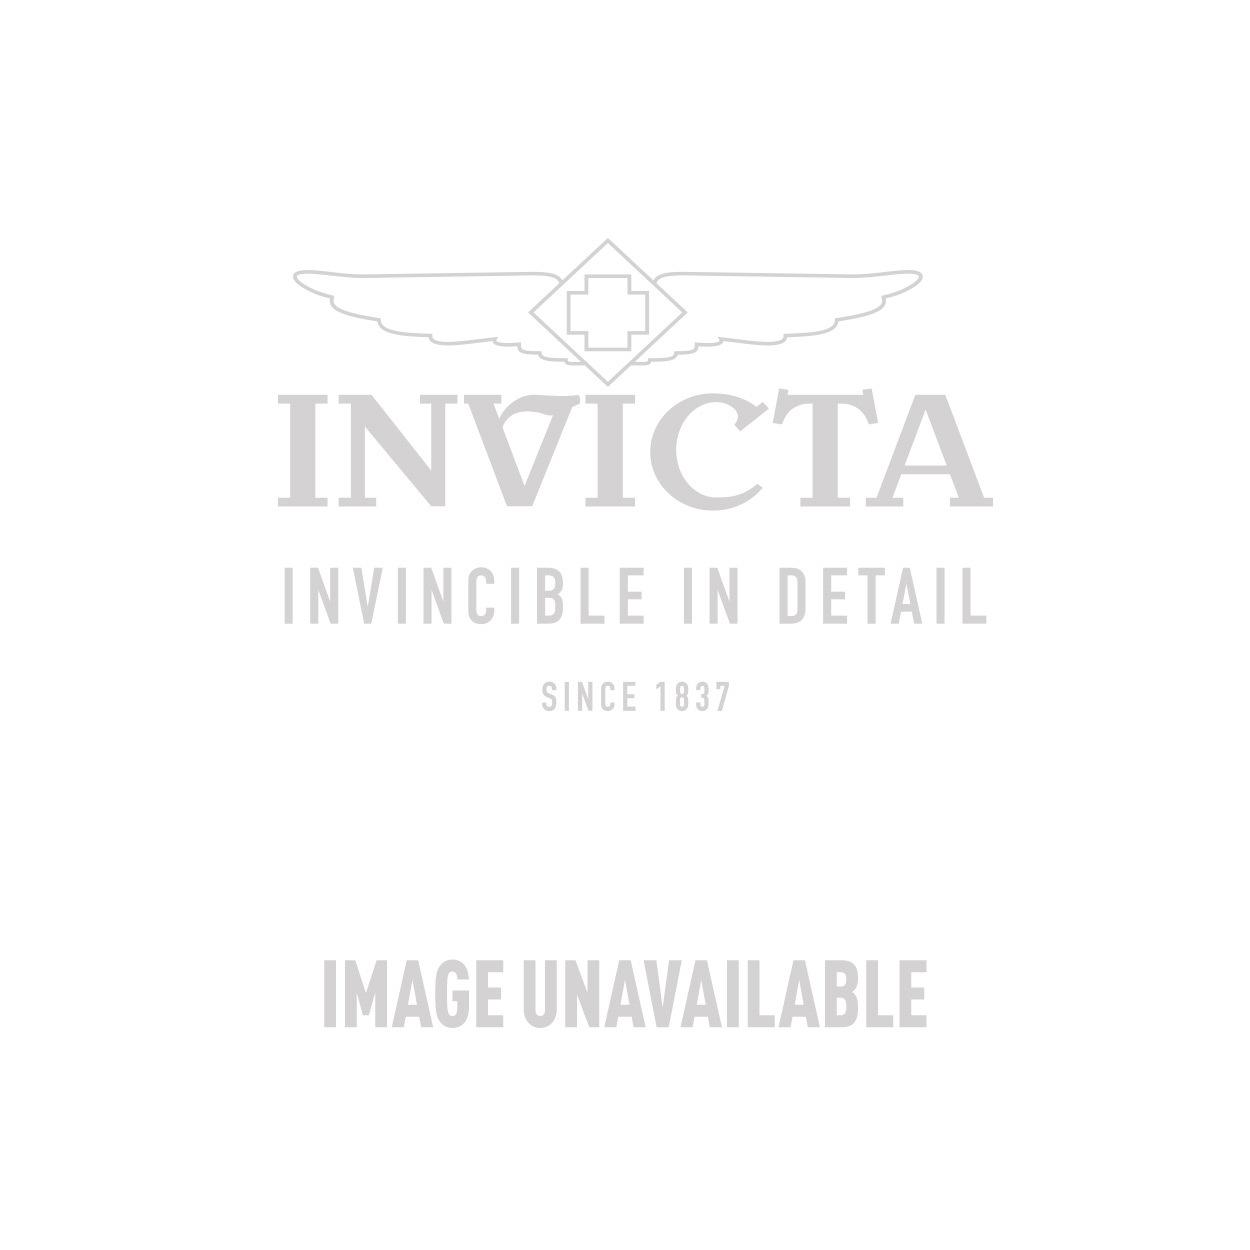 Invicta Model 25544